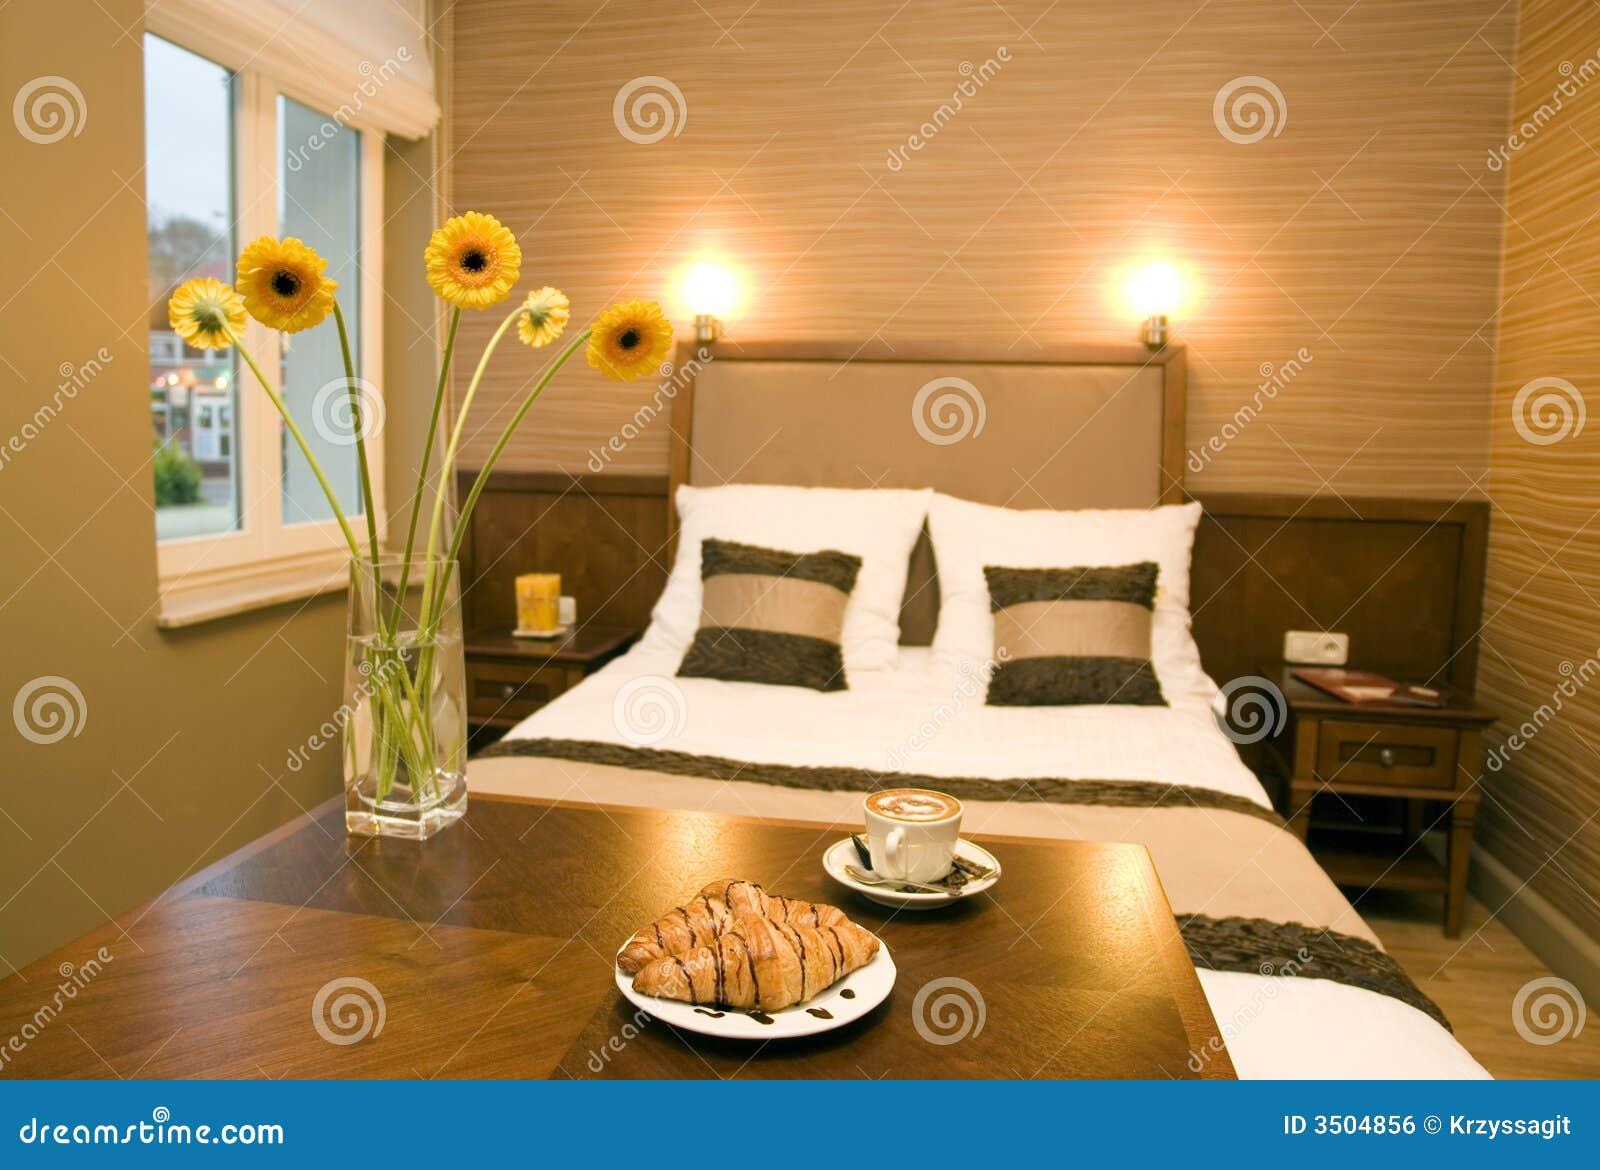 Chambre coucher for Chambre libre